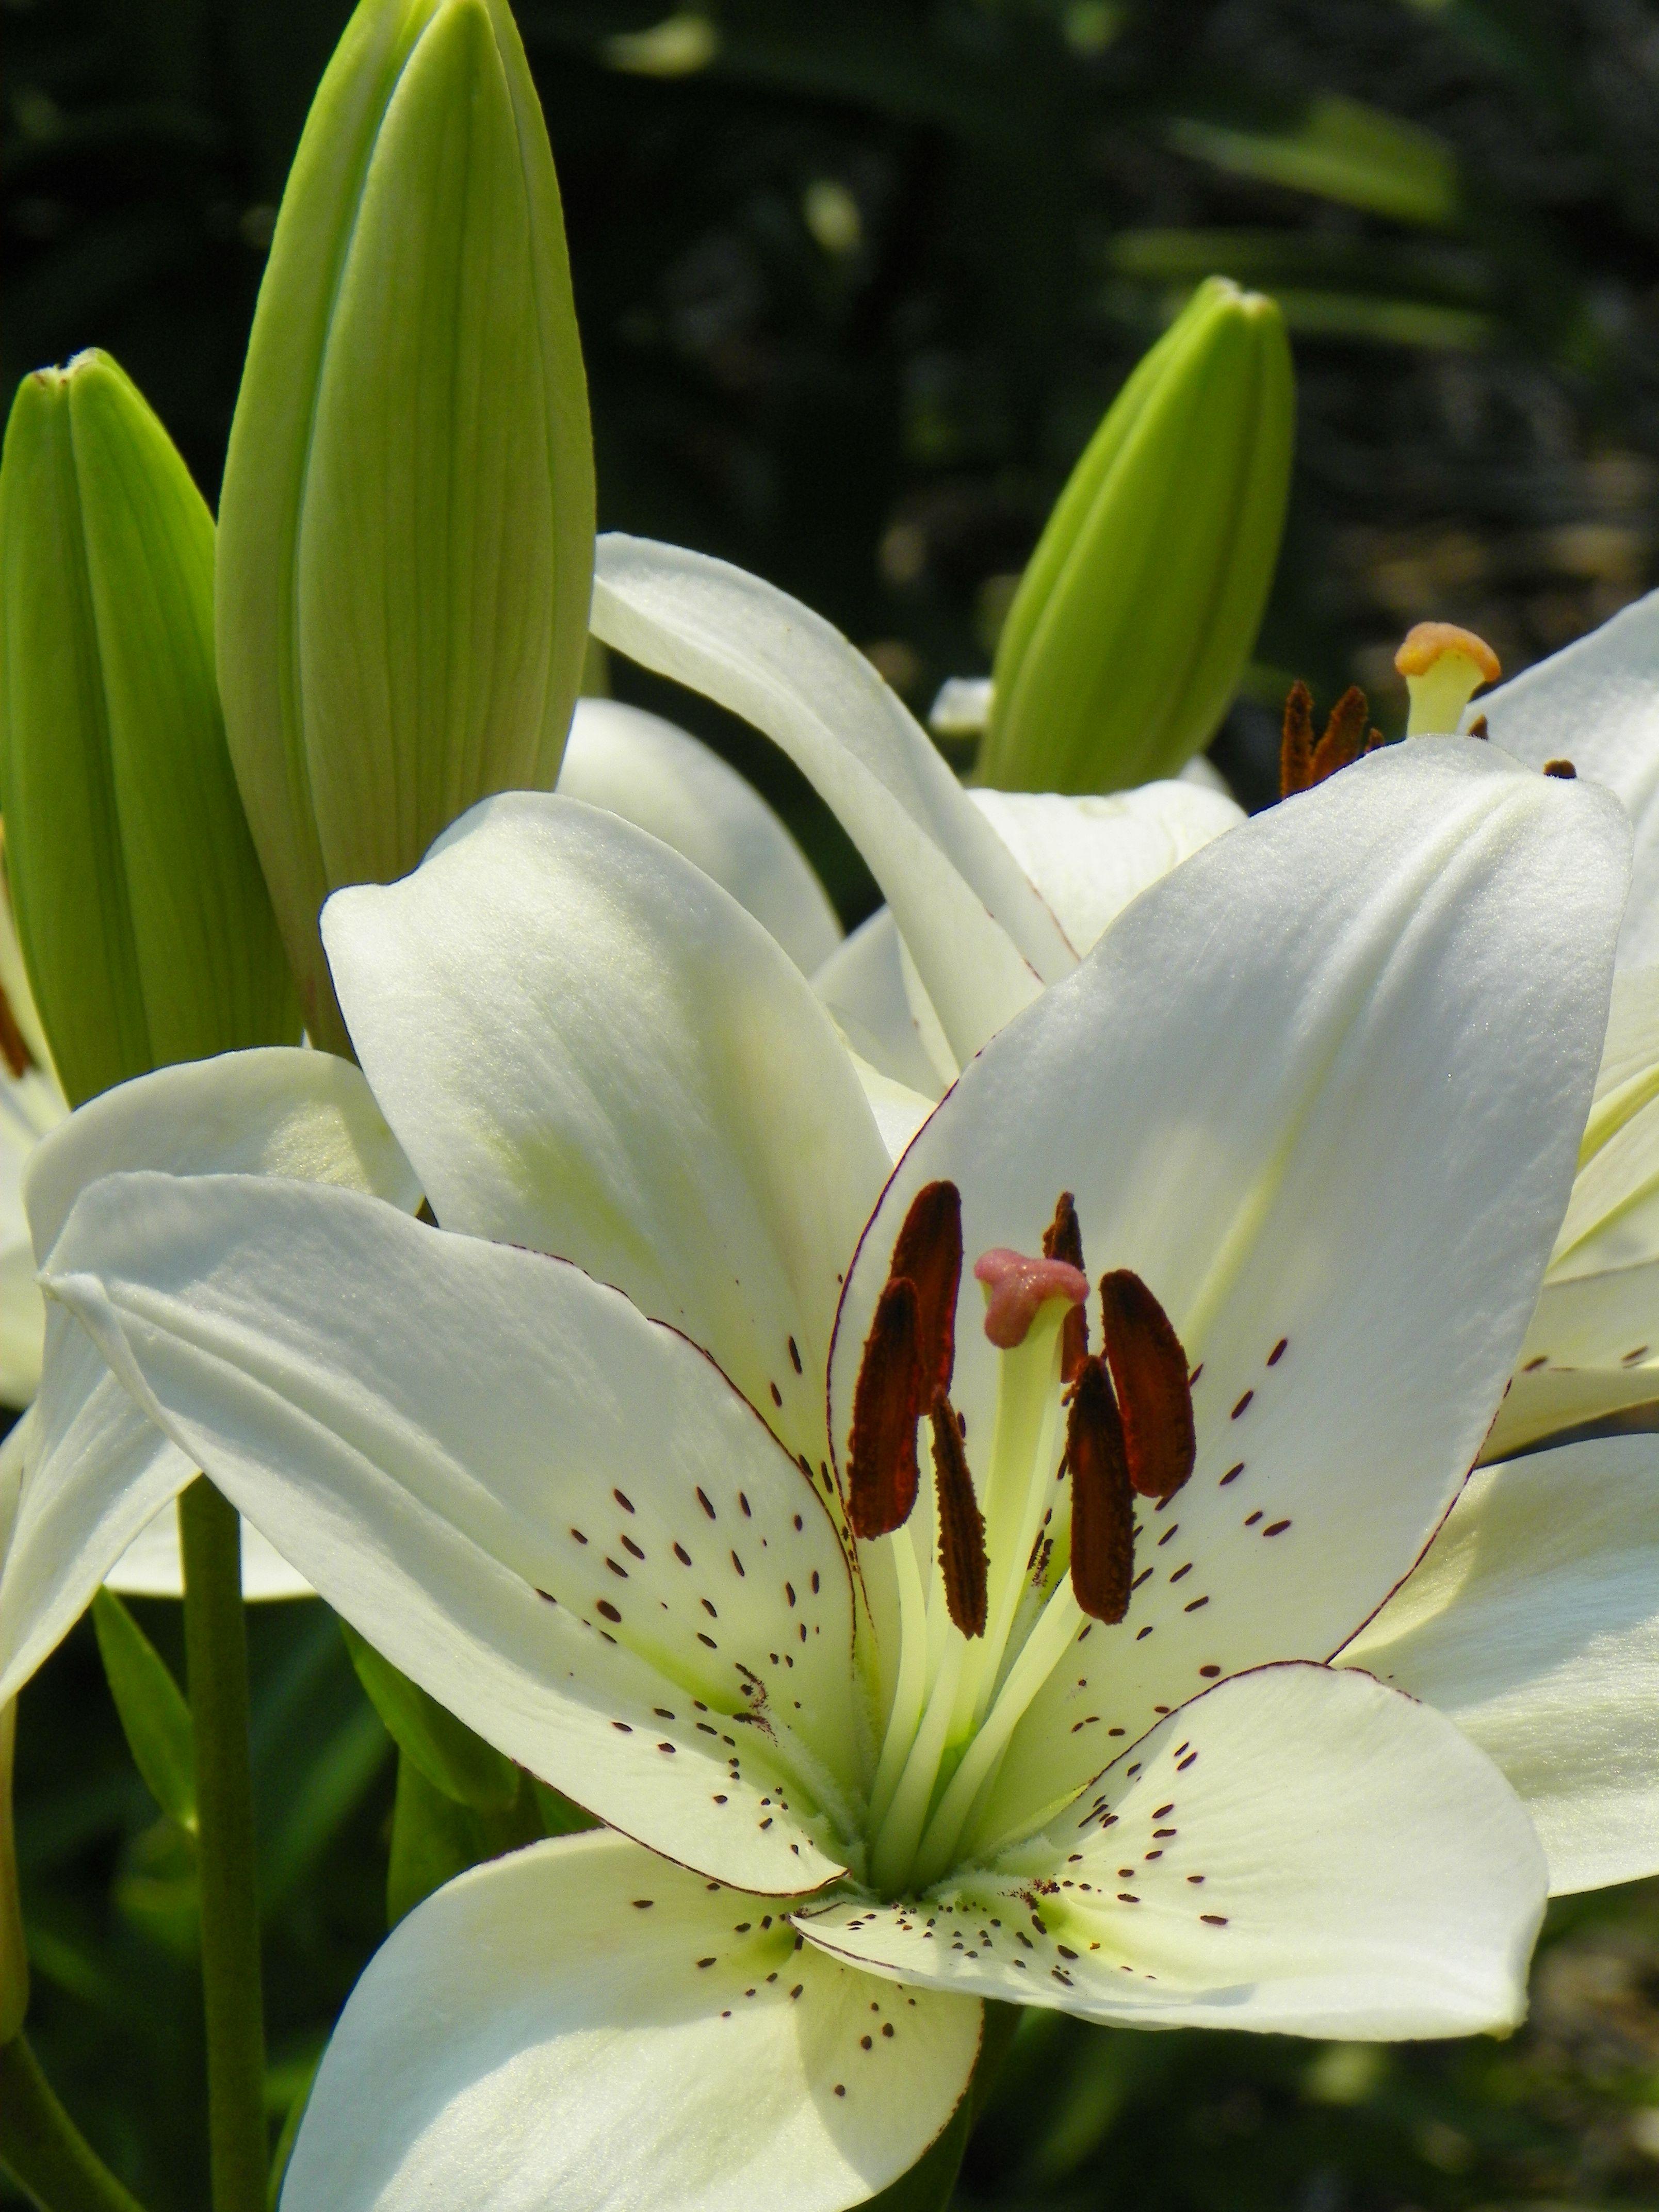 лучшие фото цветов лилии как многие